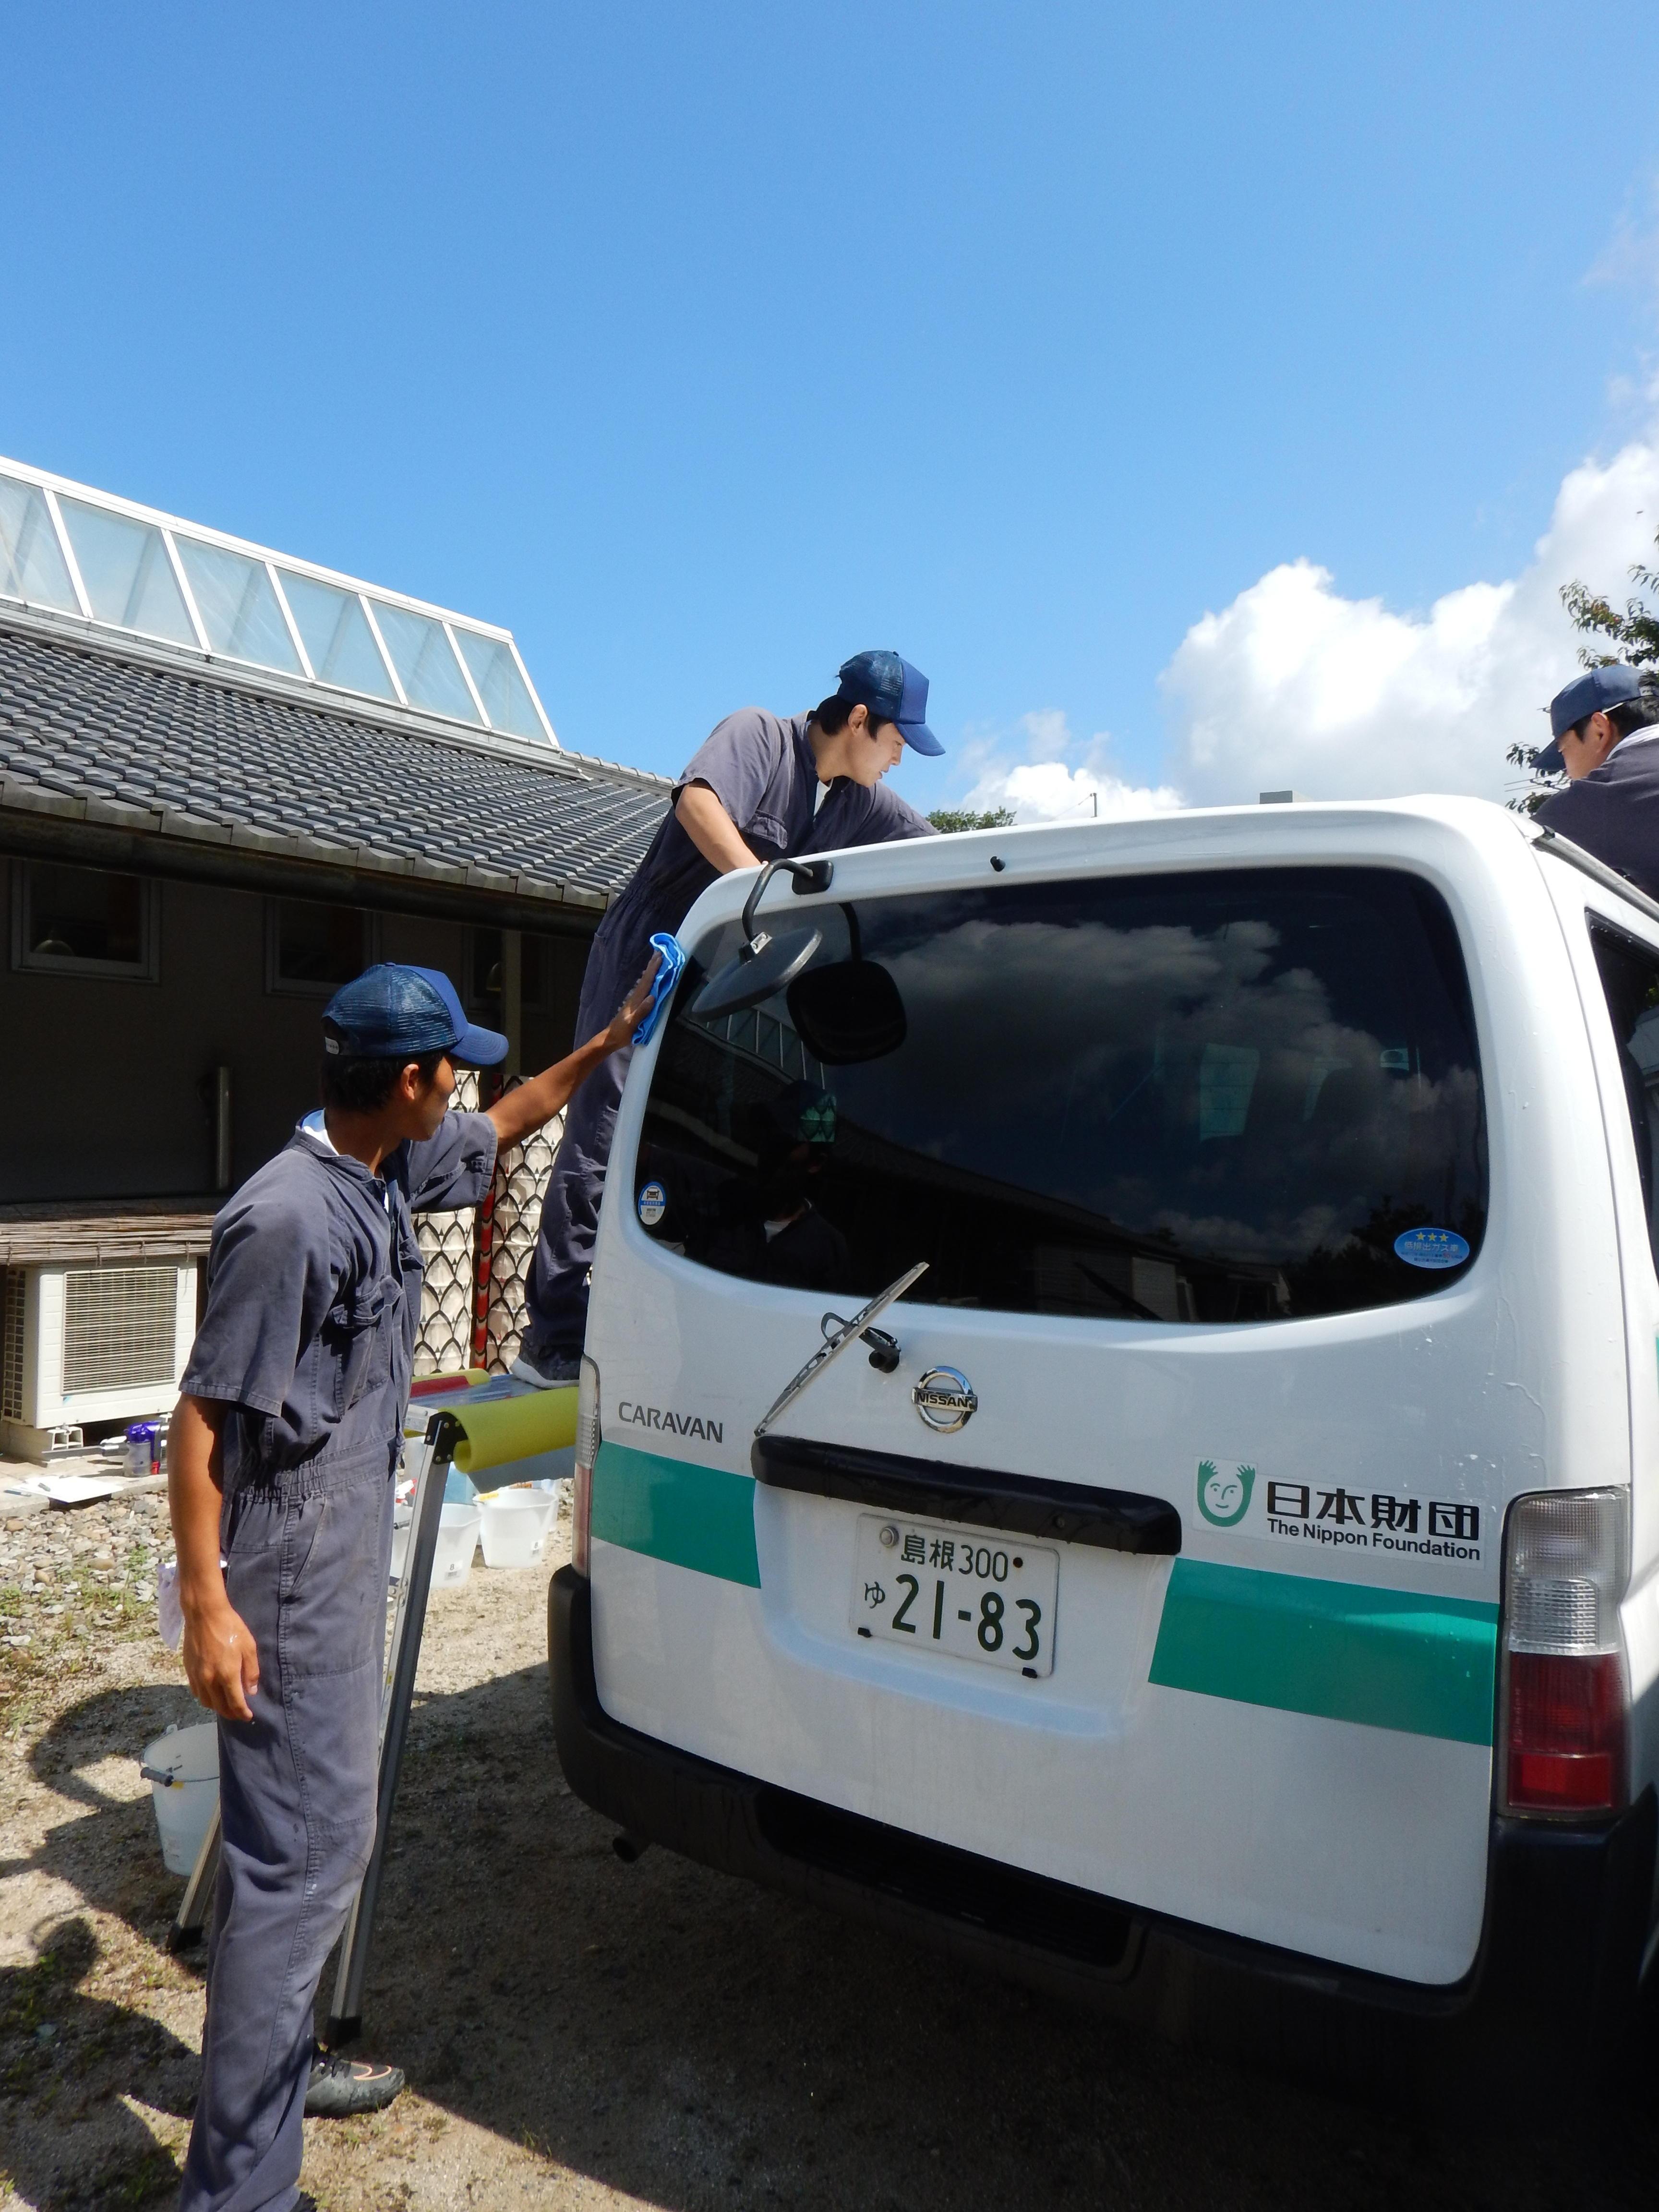 http://www.shimanet.ed.jp/hamadayougo/news/DSCN0124.JPG